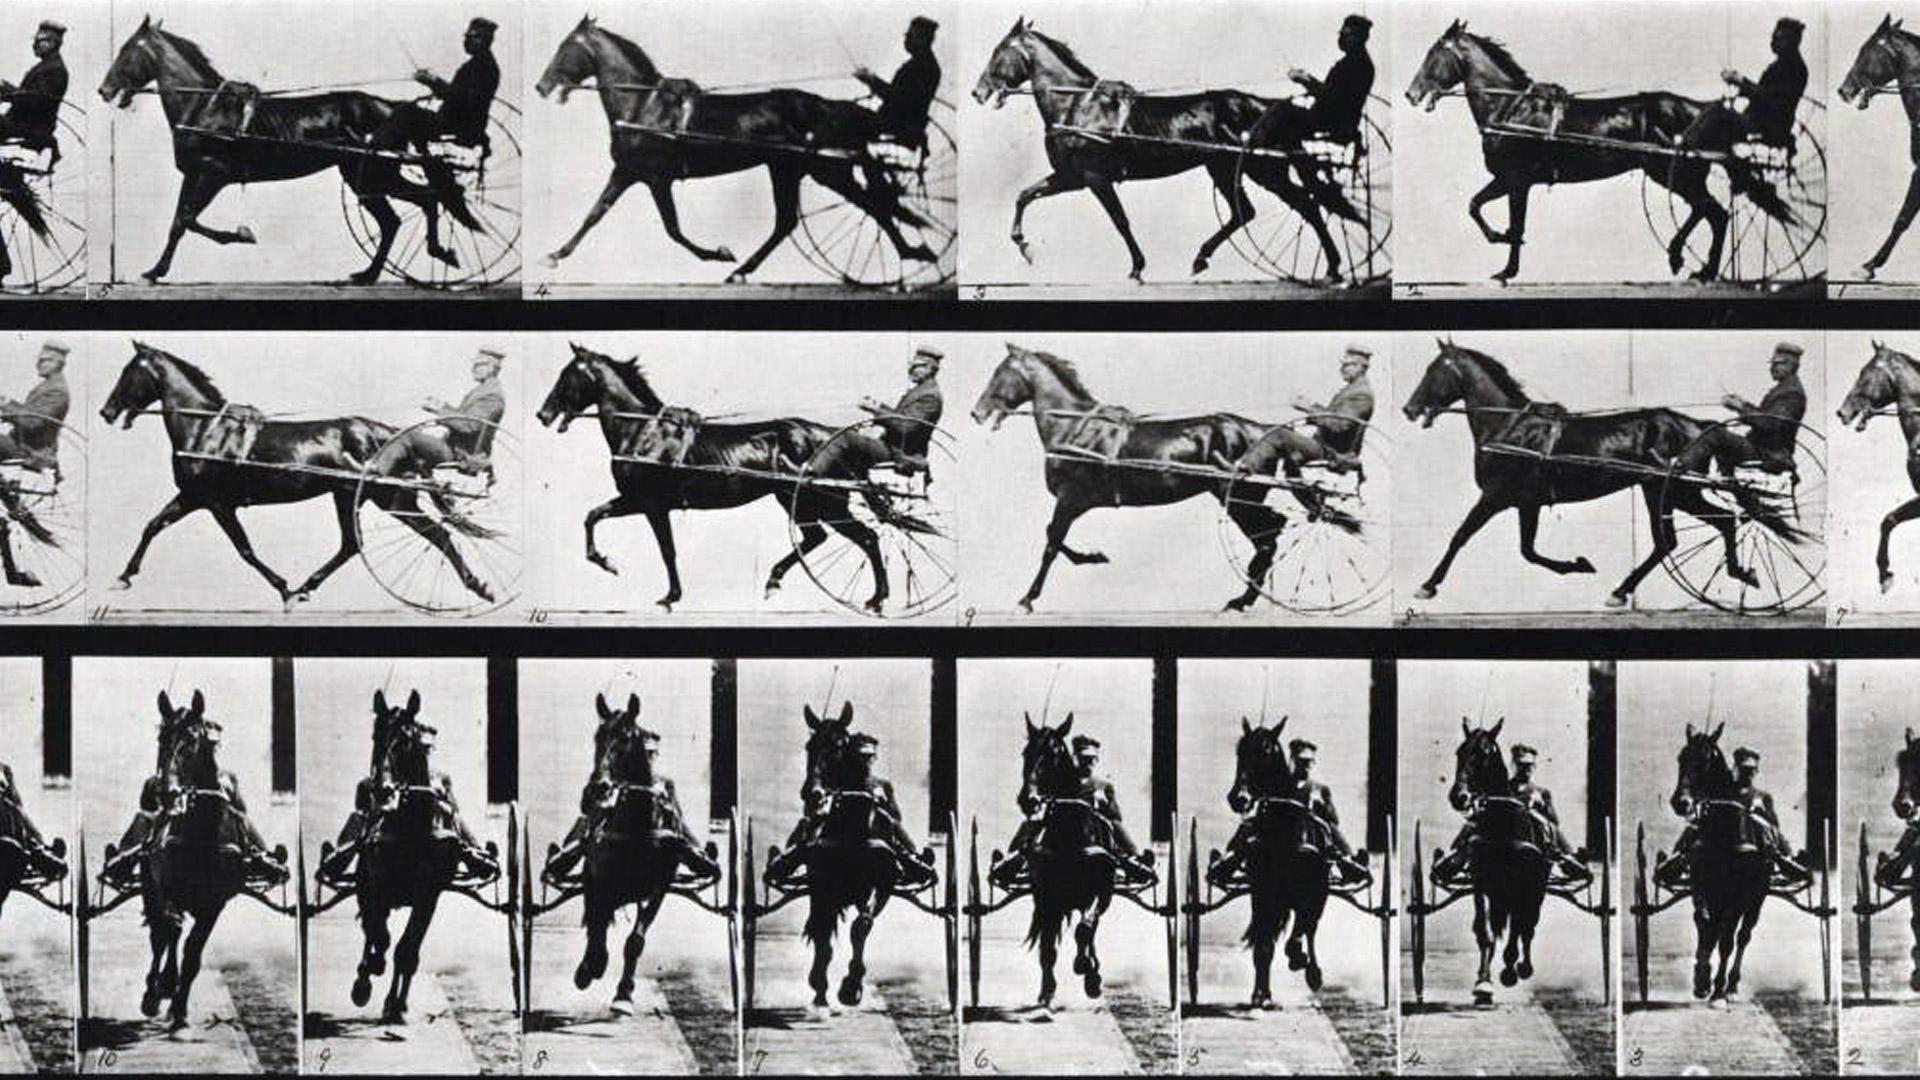 Eadweard Muybridge & the Motion Picture // Eadweard Muybridge & las películas